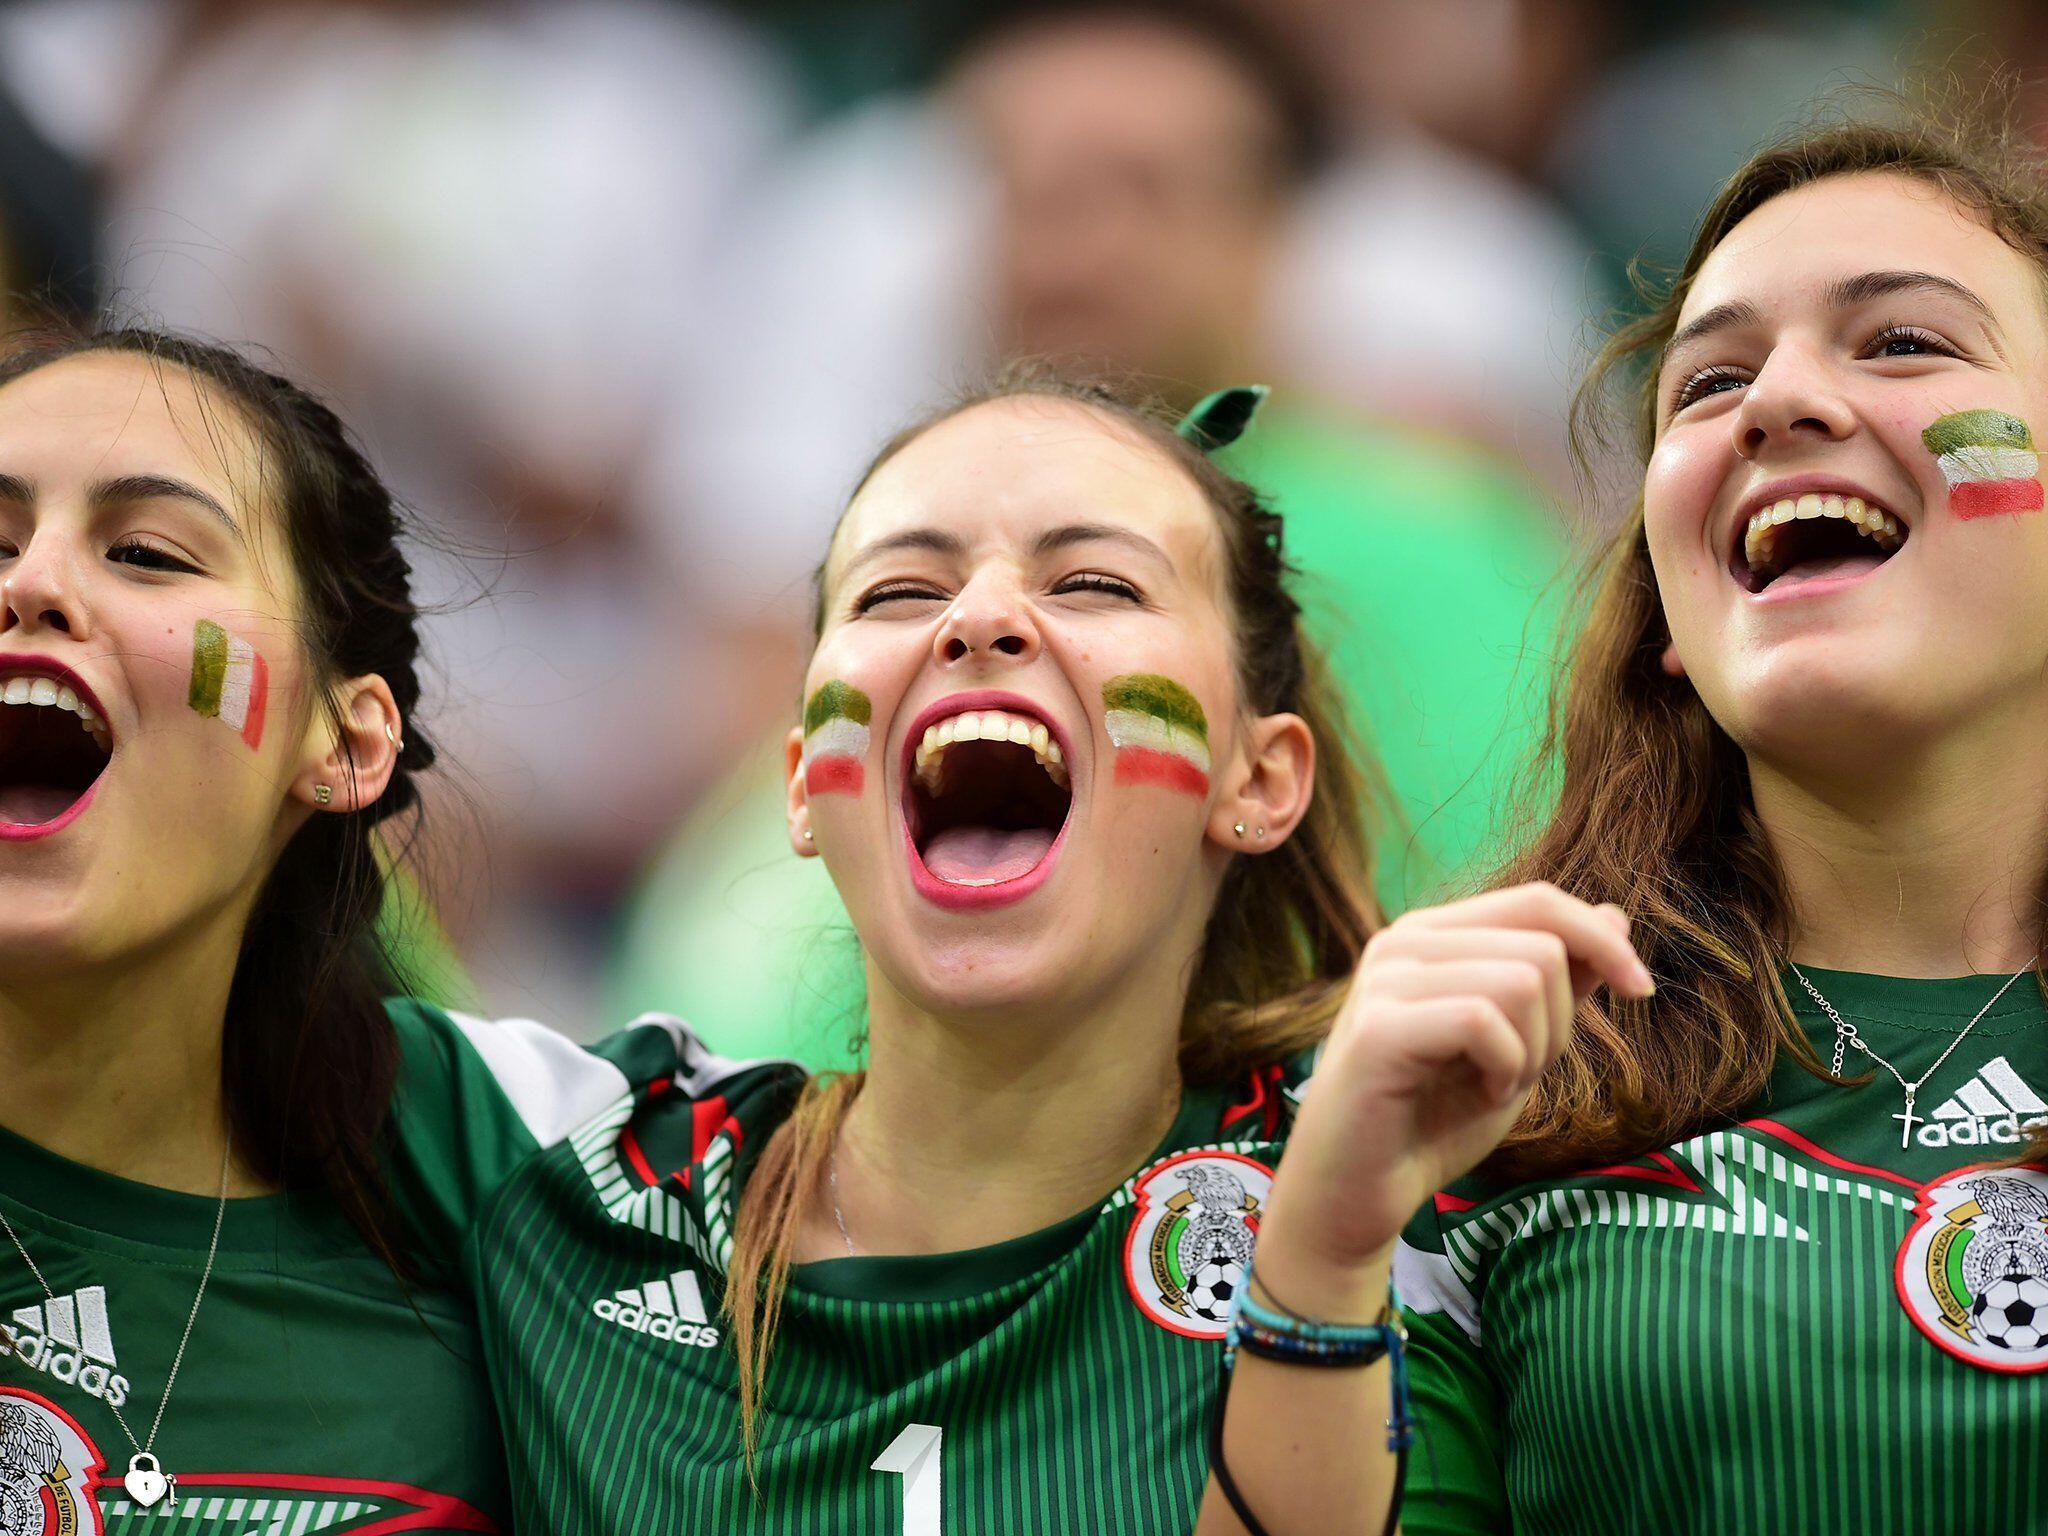 Kerap Sorot Penonton Perempuan, FIFA Tegur Pihak Penyiar Pertandingan